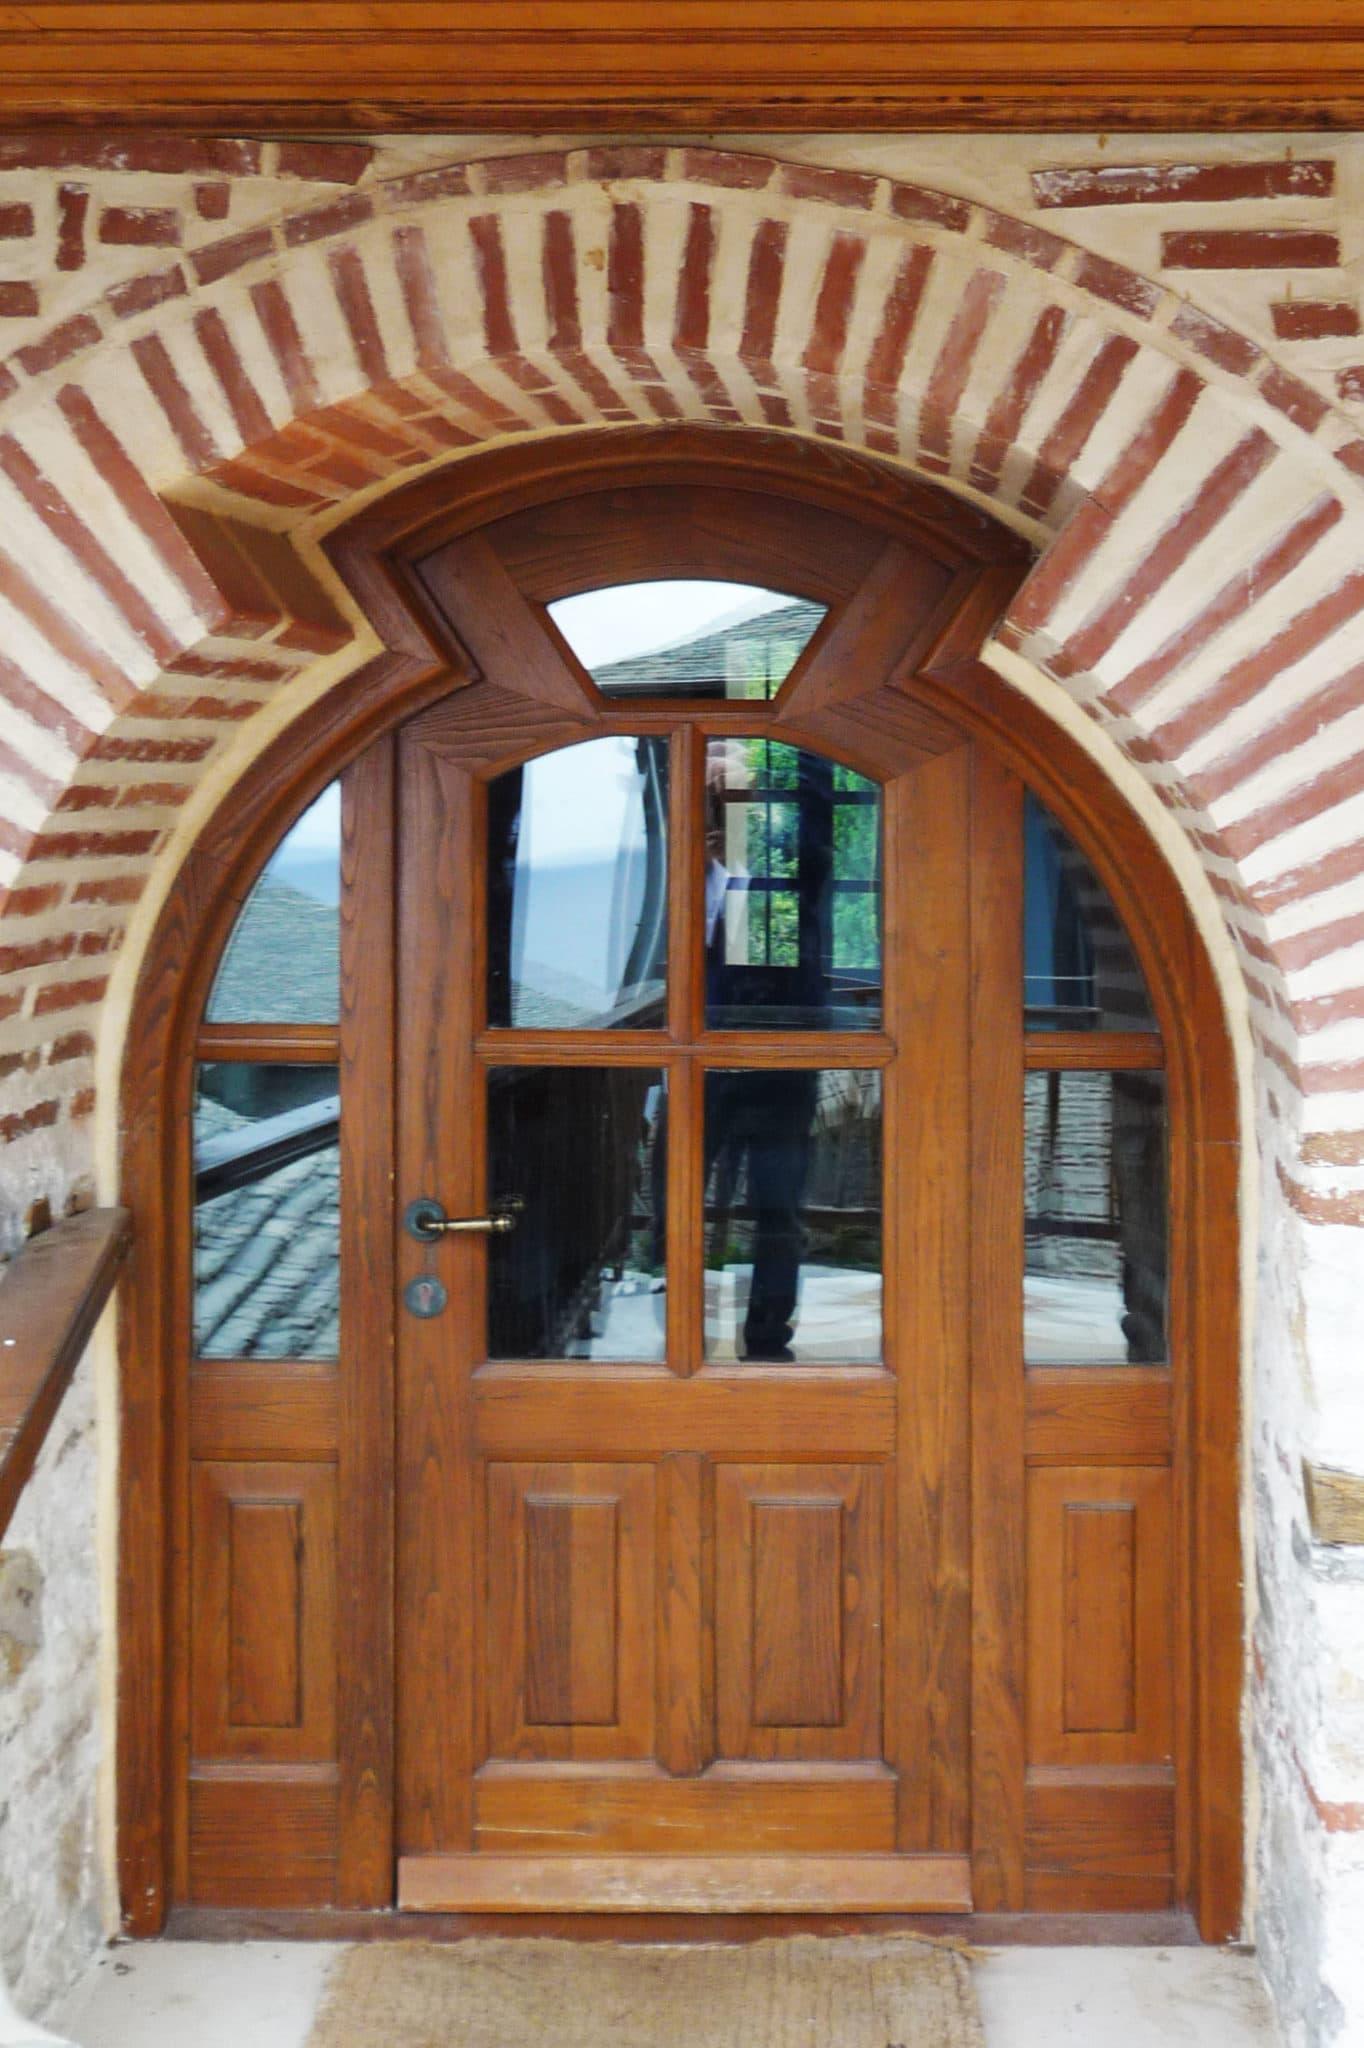 πόρτα με ανοιγόμενο φύλλο ακανόνιστου σχήματος